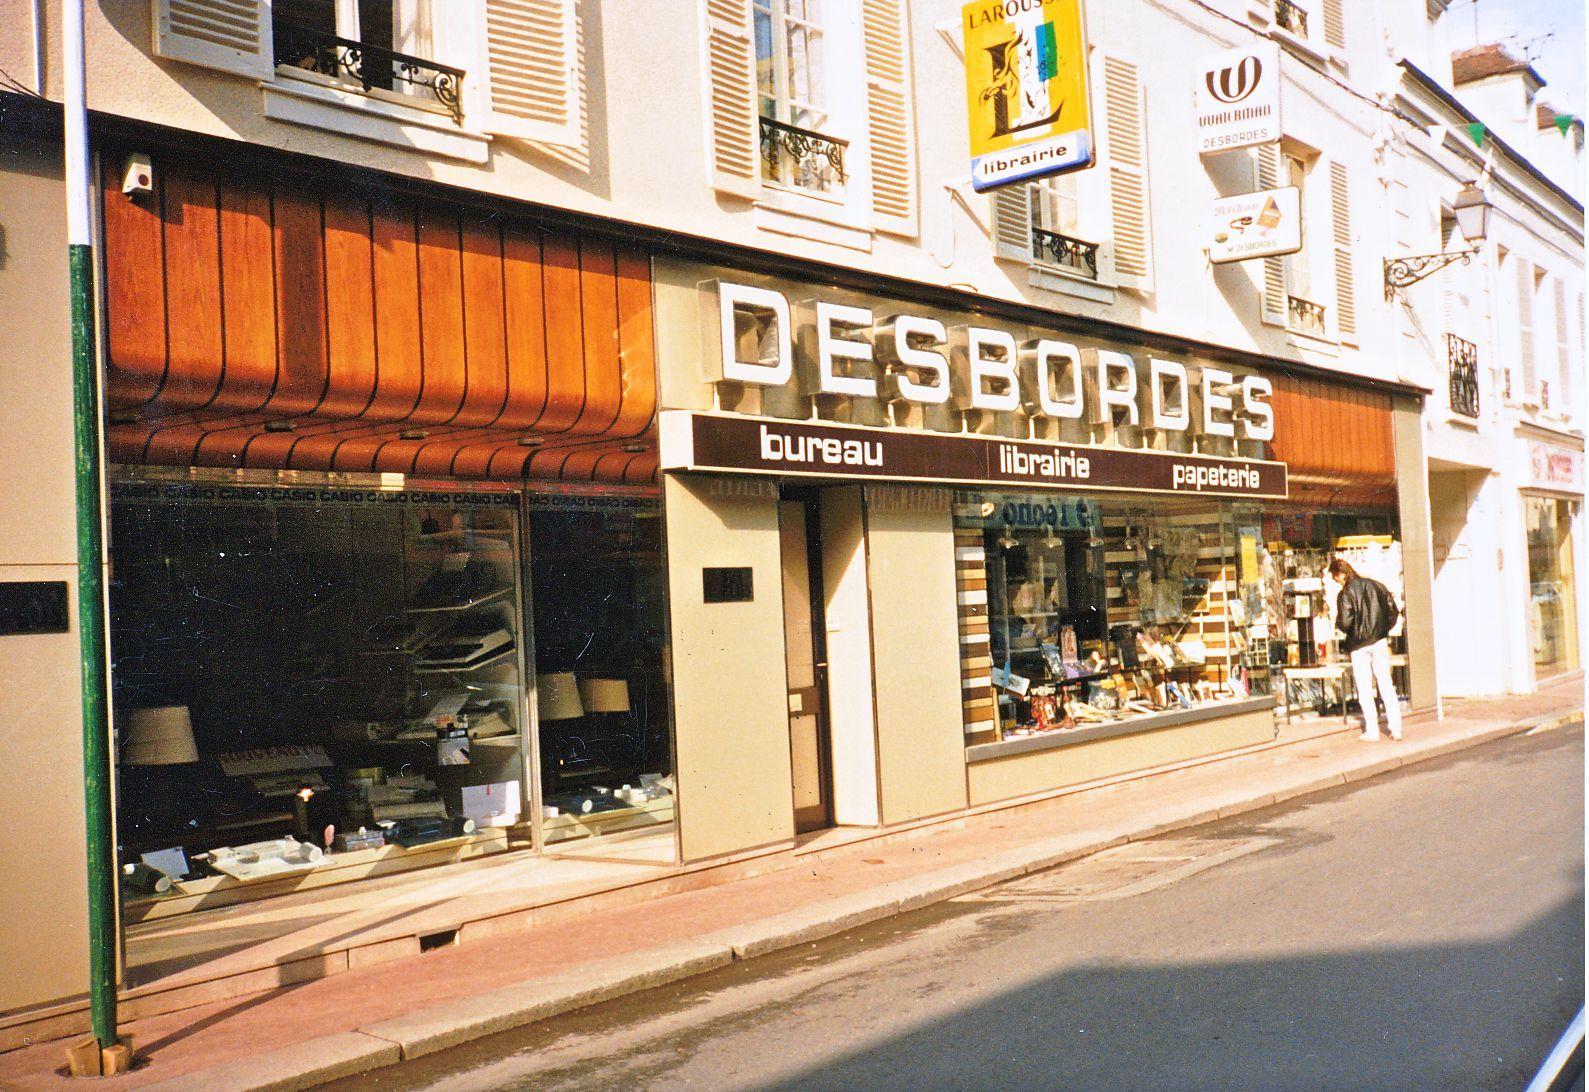 La librairie Desbordes de Rambouillet